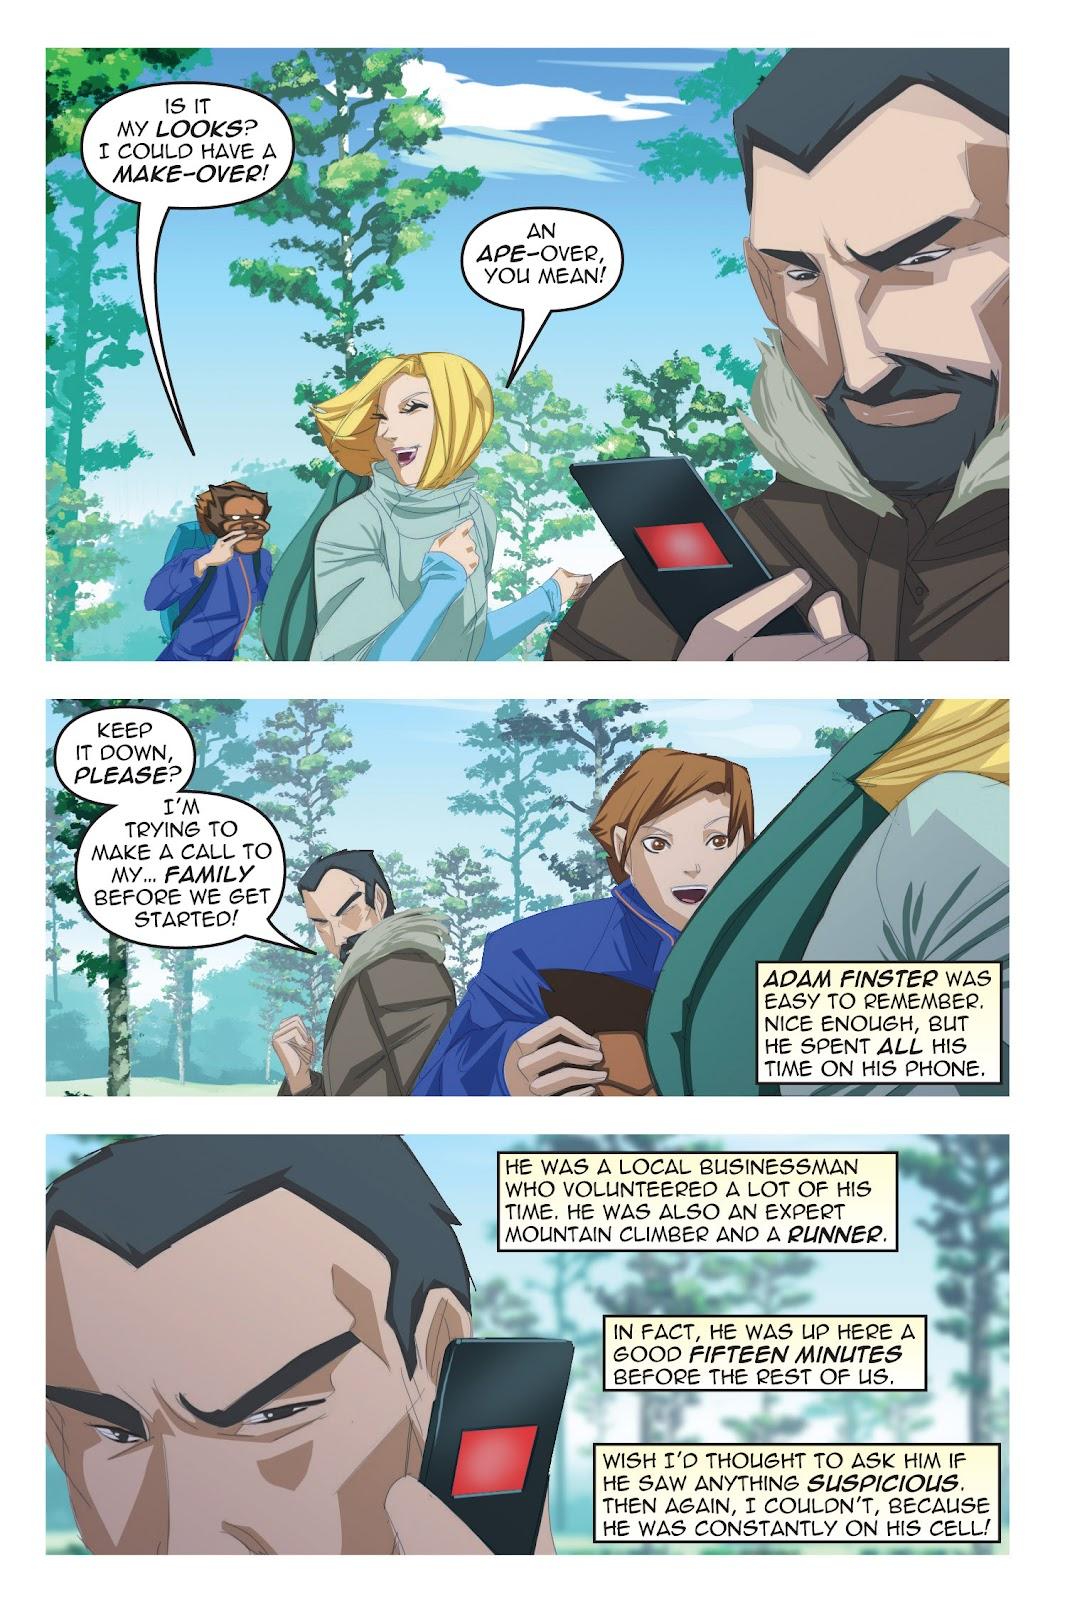 Read online Nancy Drew comic -  Issue #19 - 19